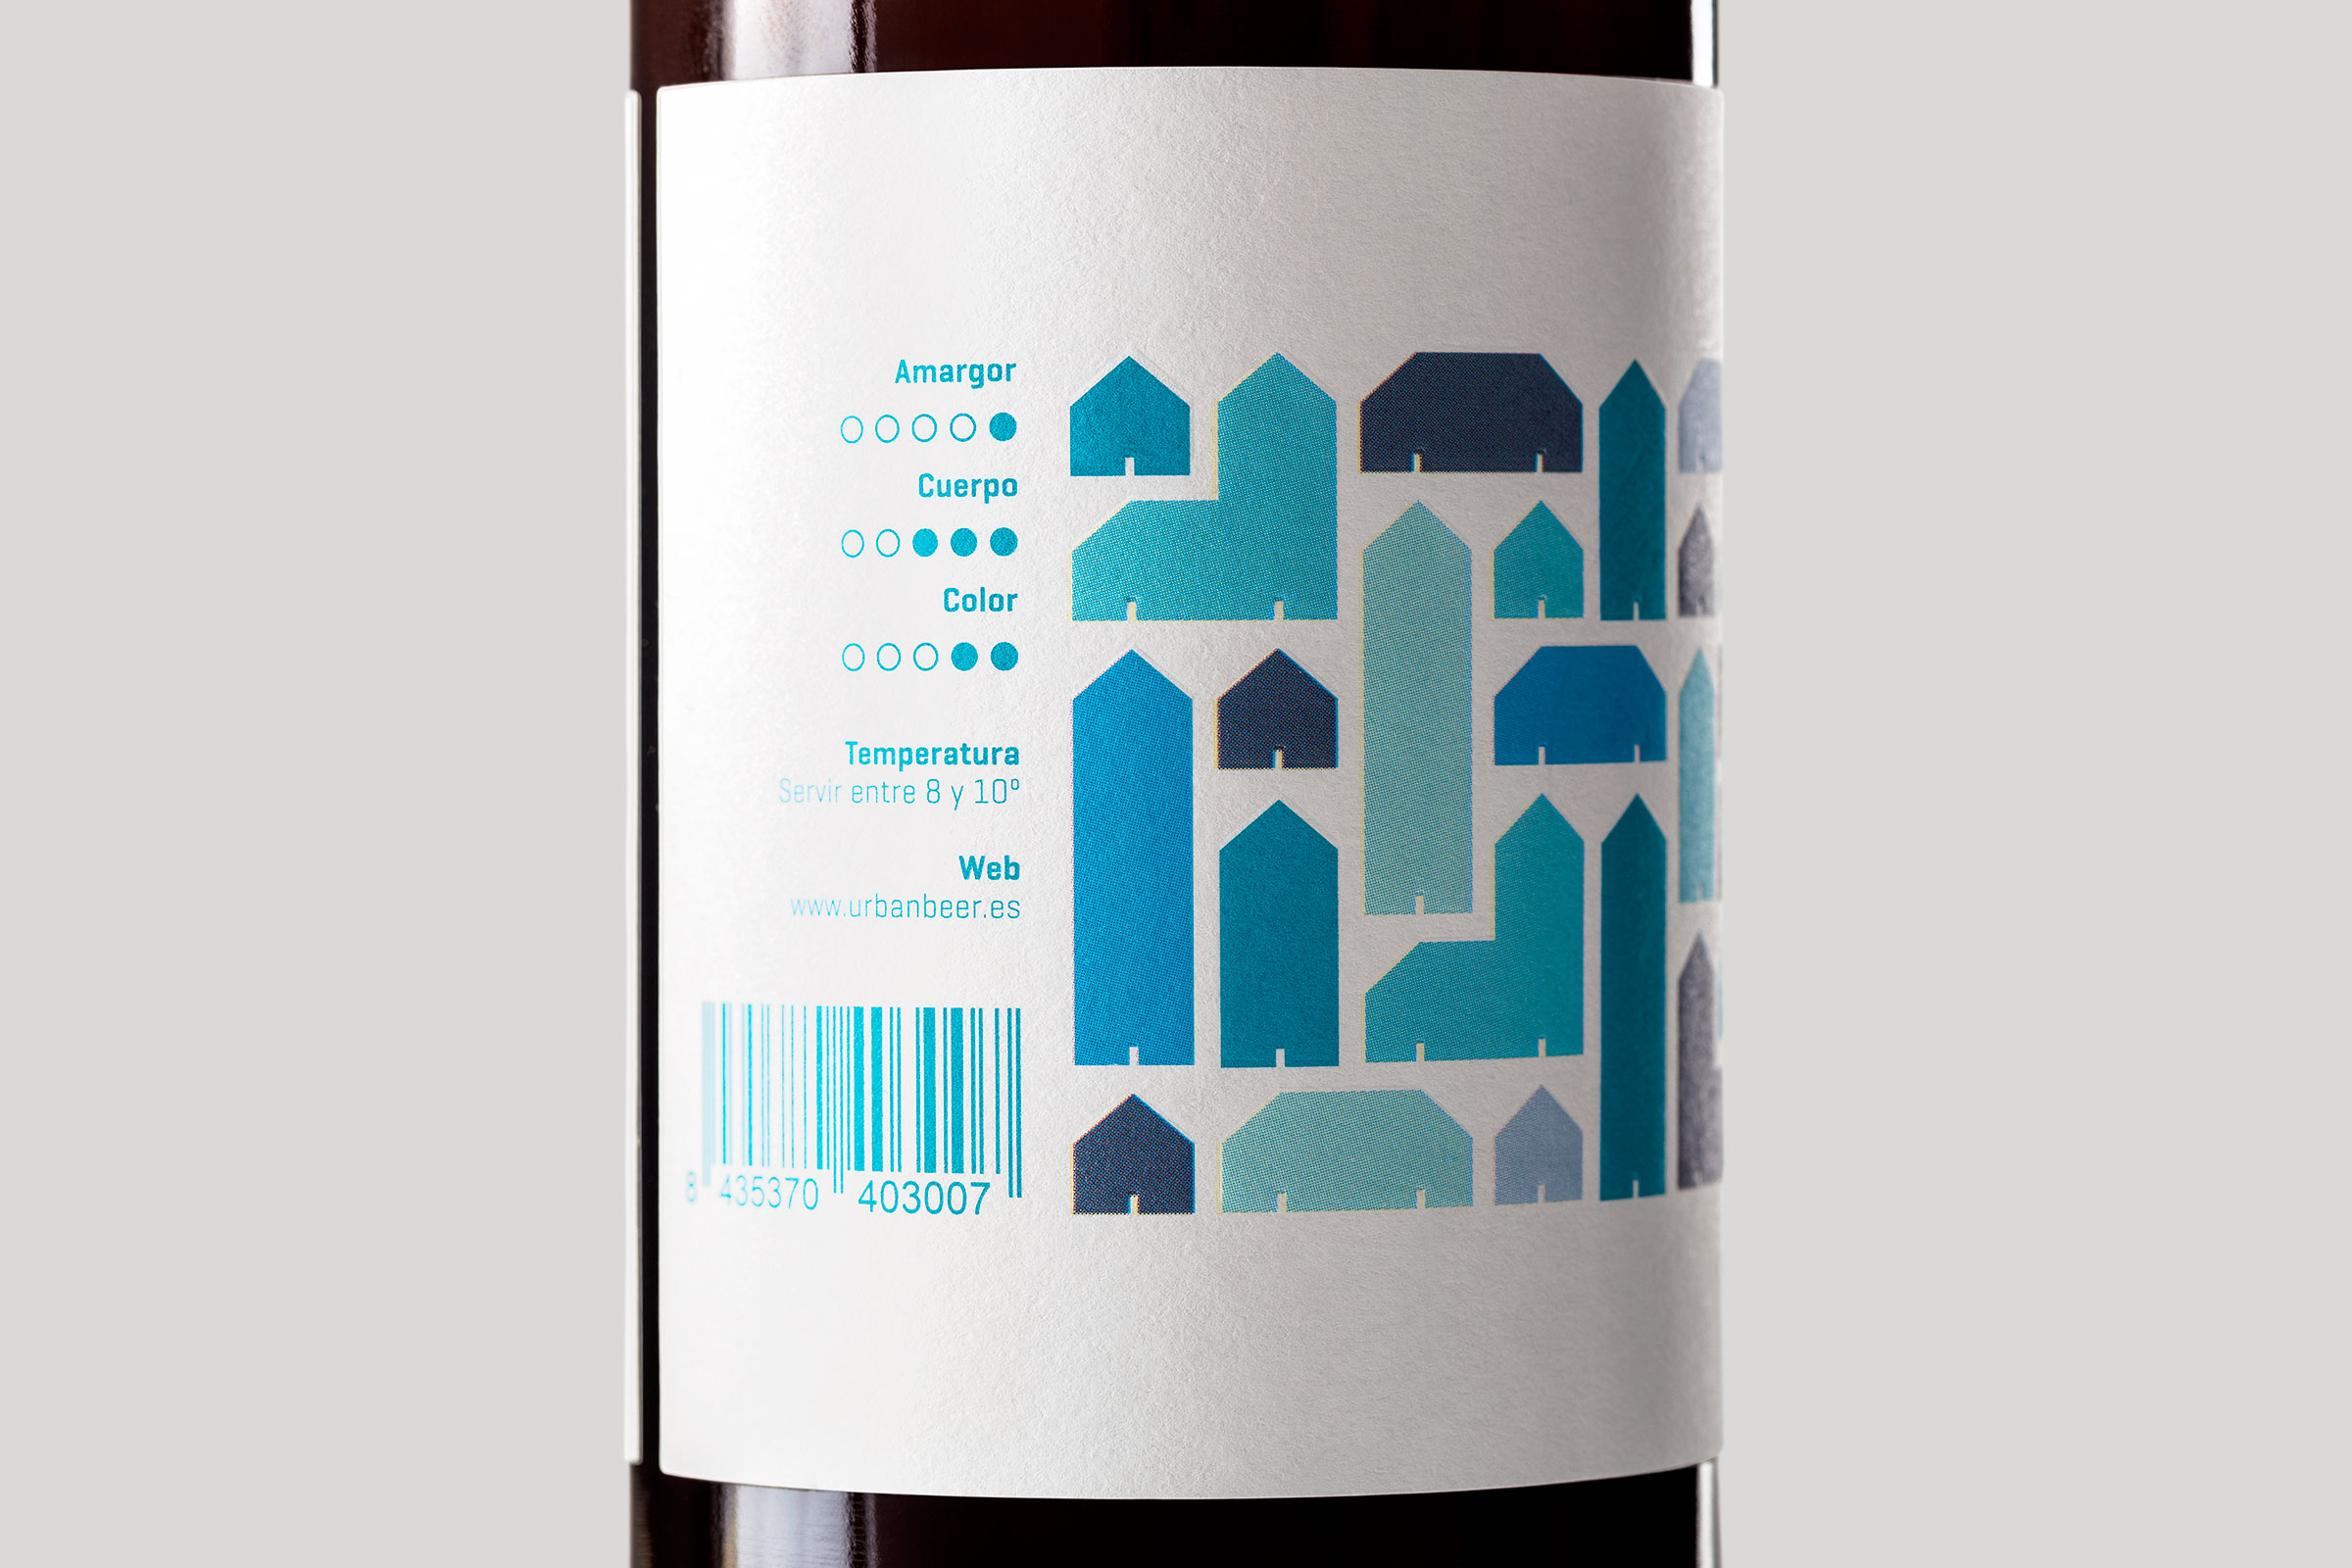 Detalle de una de las etiquetas de Urbanbeer